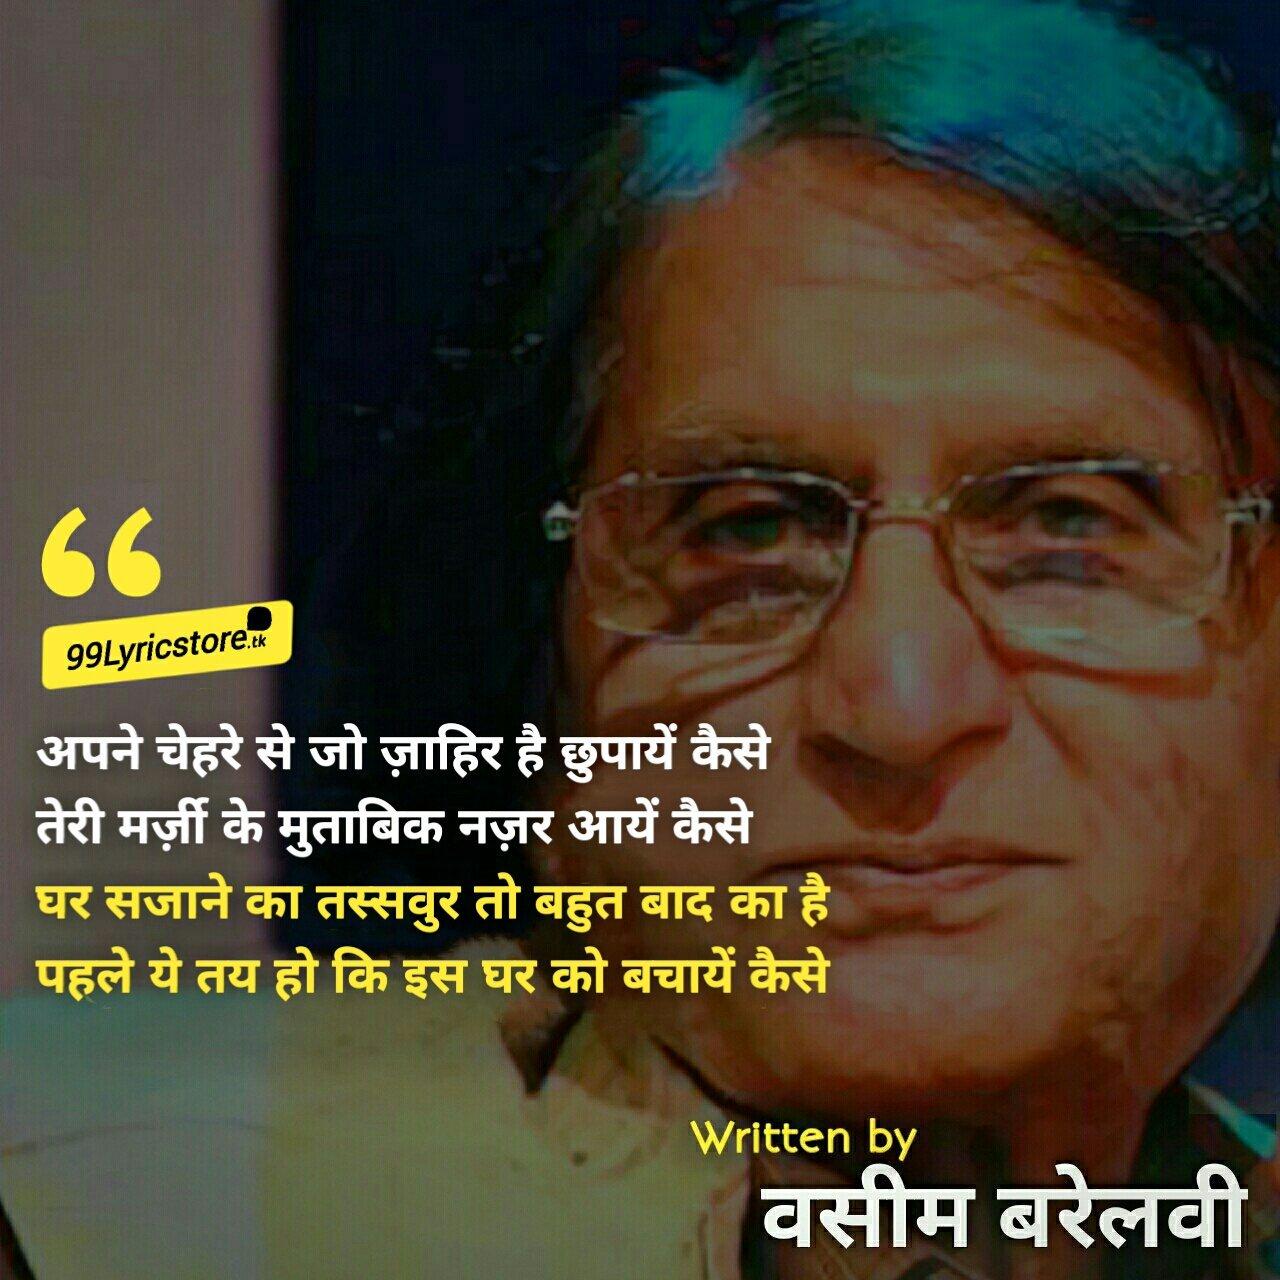 Apne chehre se jo zahir hai chhupayein kaise' written by Waseem Barelvi. This poetry is best Ghazal and Shayari of Waseem Barelvi.